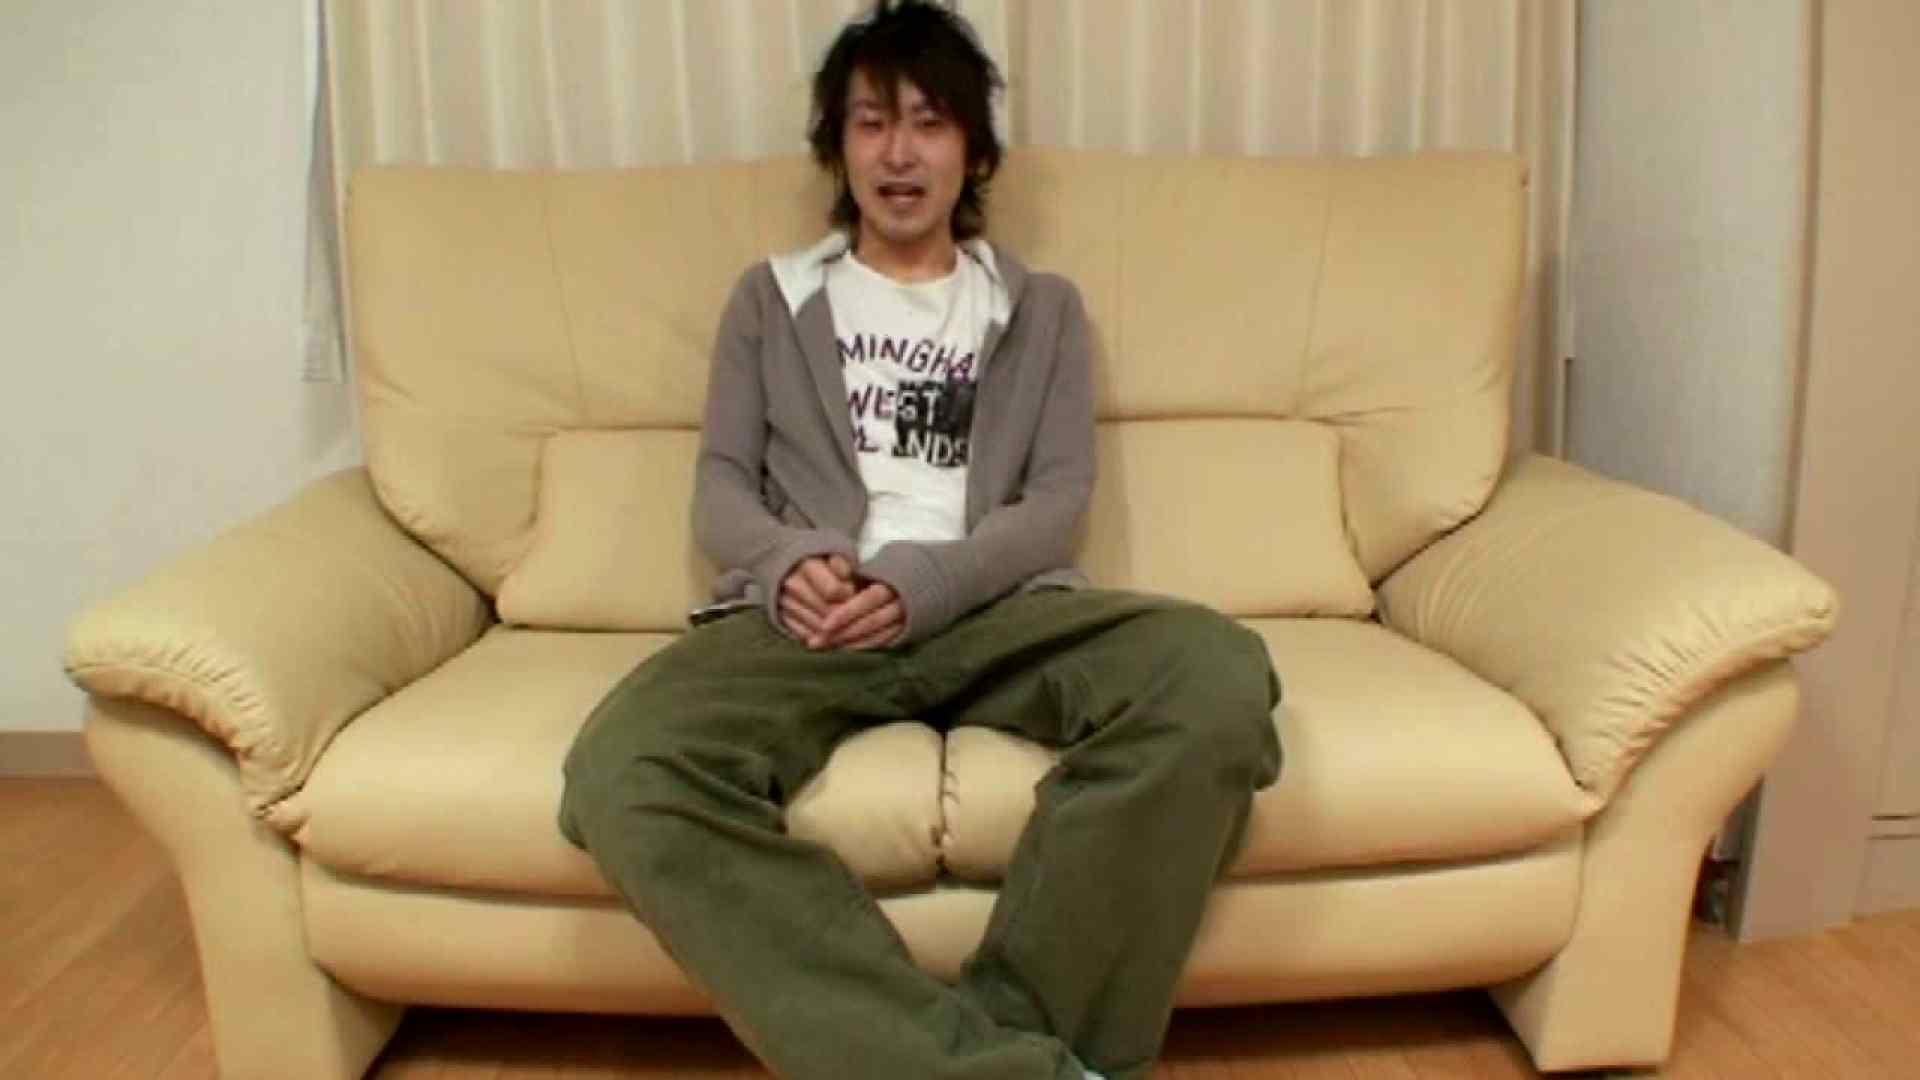 ノンケ!自慰スタジオ No.21 モザ無し ゲイエロビデオ画像 102枚 34